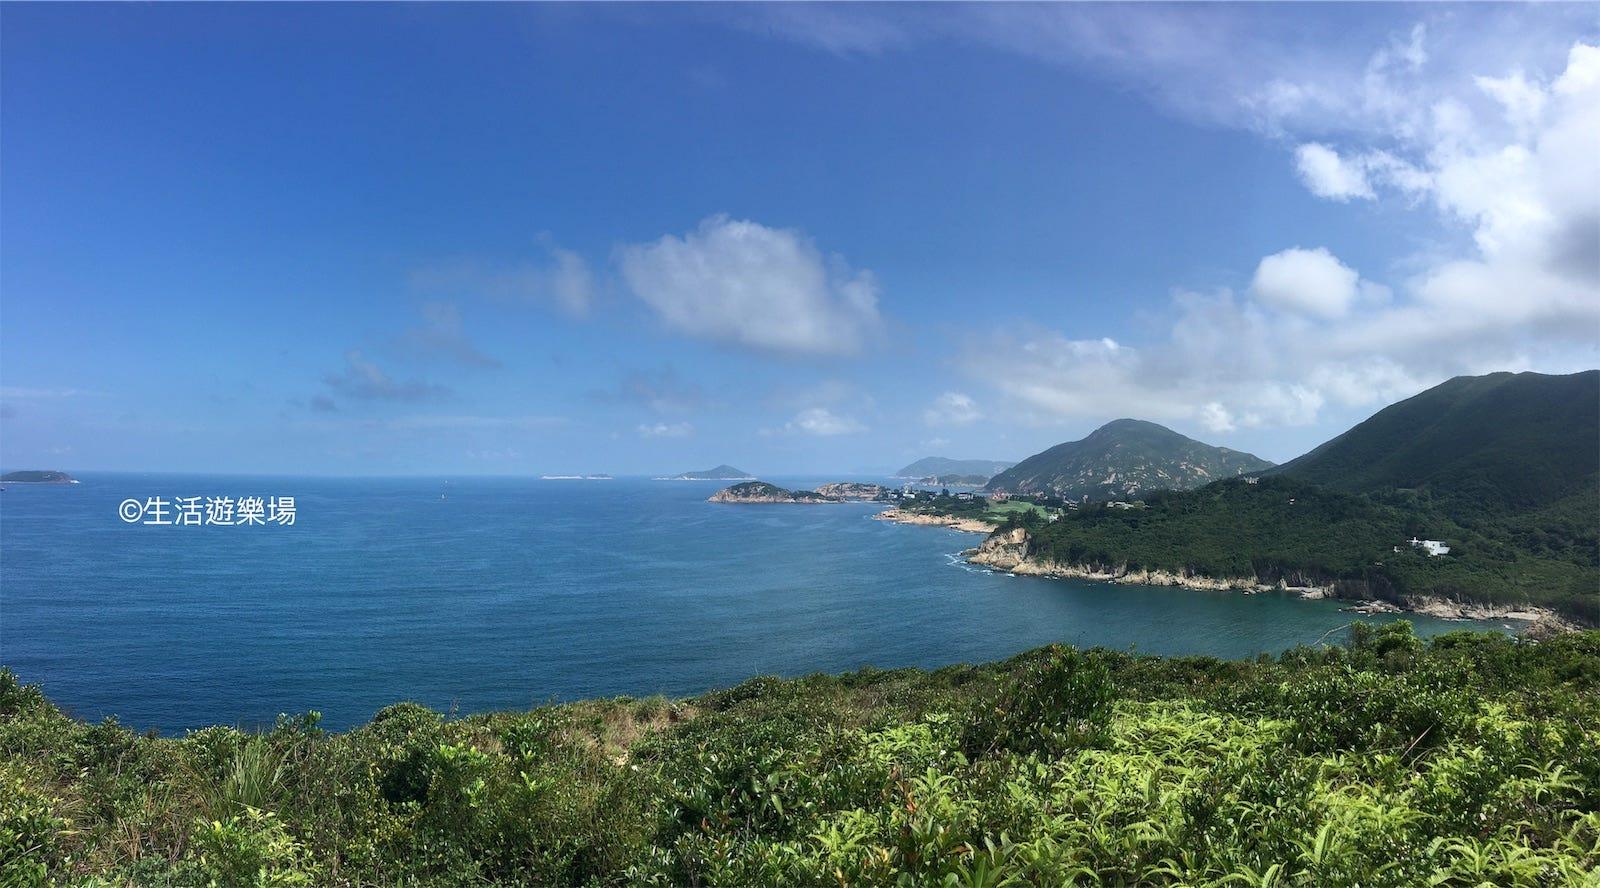 港島:龍脊去小西灣. 少咗遊客,宜登龍脊。將終點由大浪灣延至小西灣,烈日下踏長樓梯上砵甸乍山,絕對自 ...